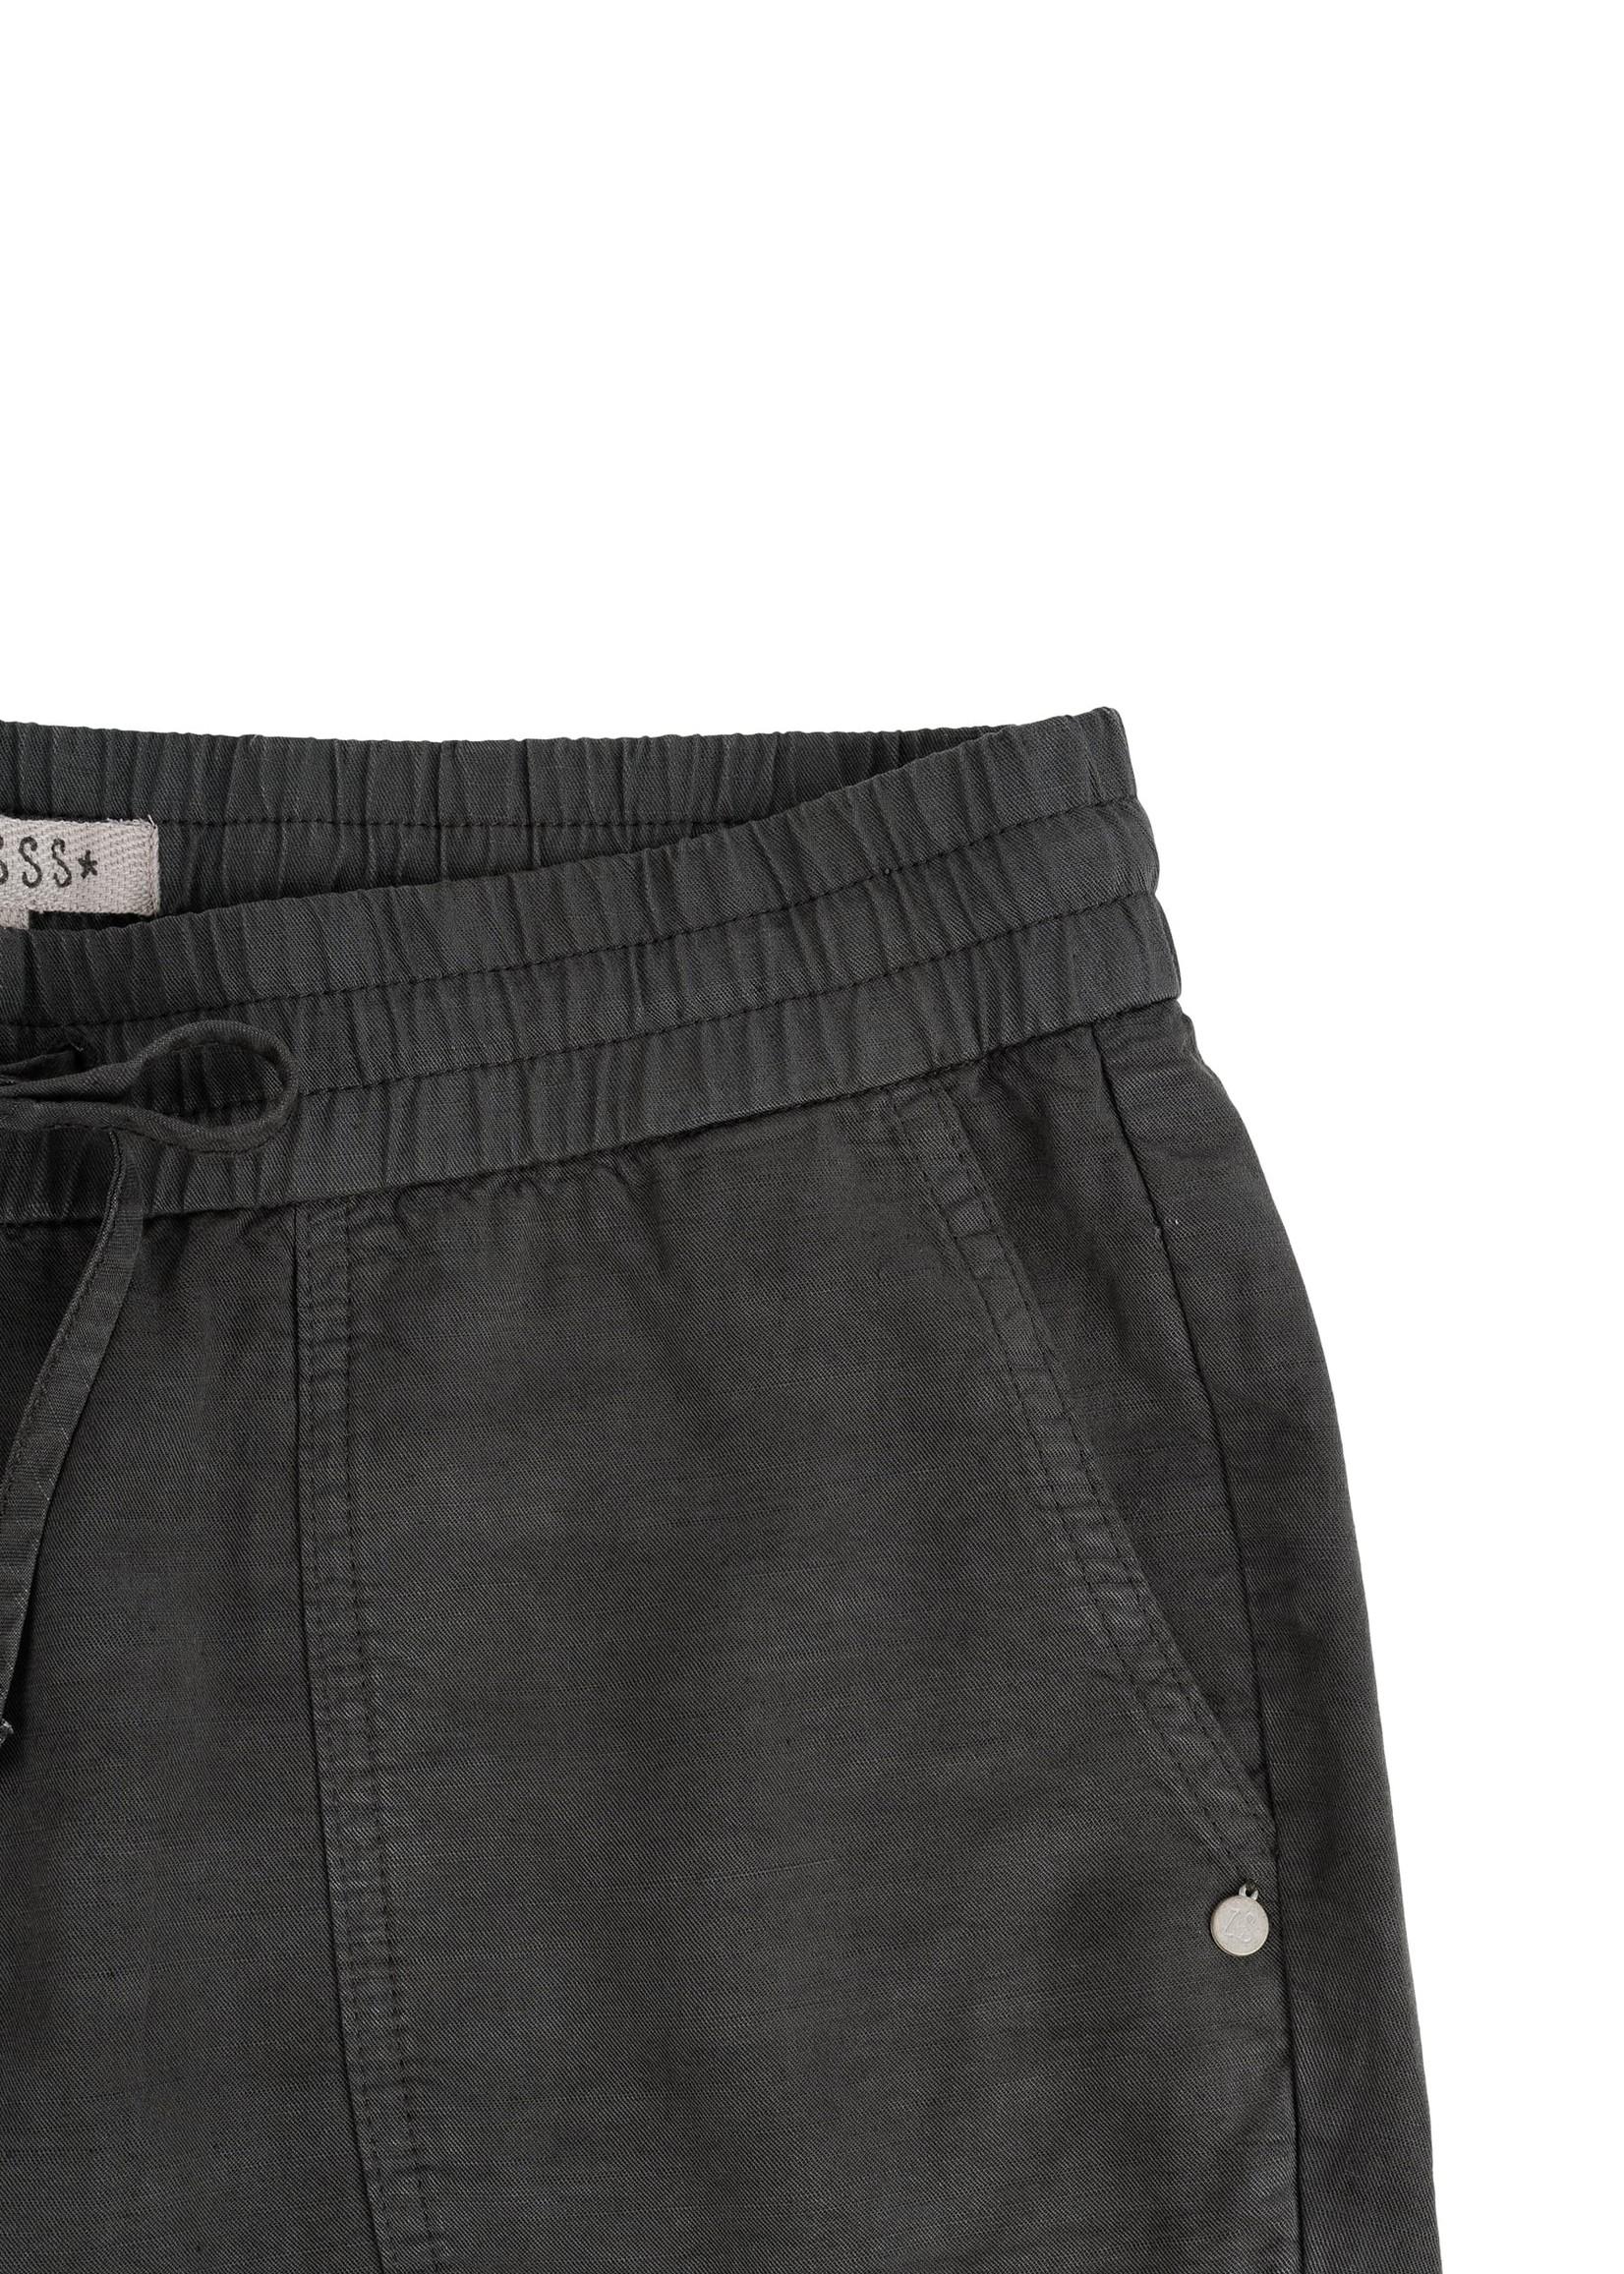 ZUSSS broek met zakken grafietgrijs